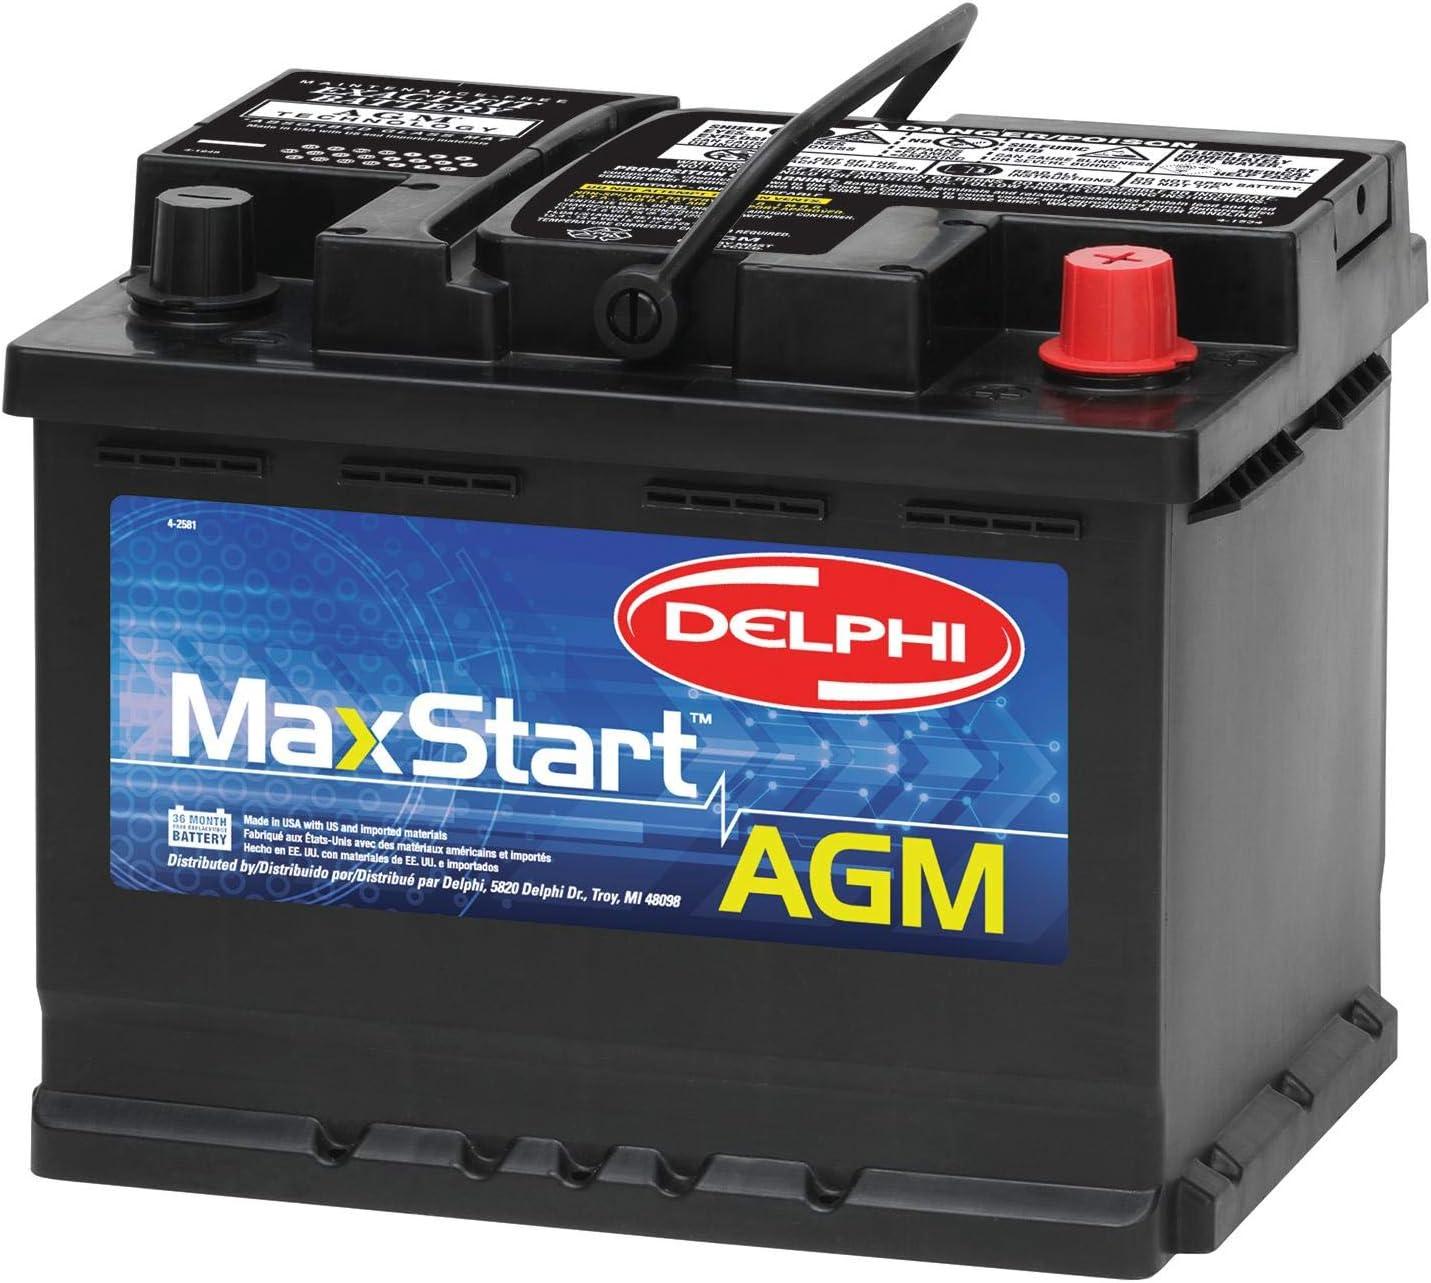 Delphi BU9047 MaxStart AGM Premium Automotive Battery, Group Size 47: Automotive